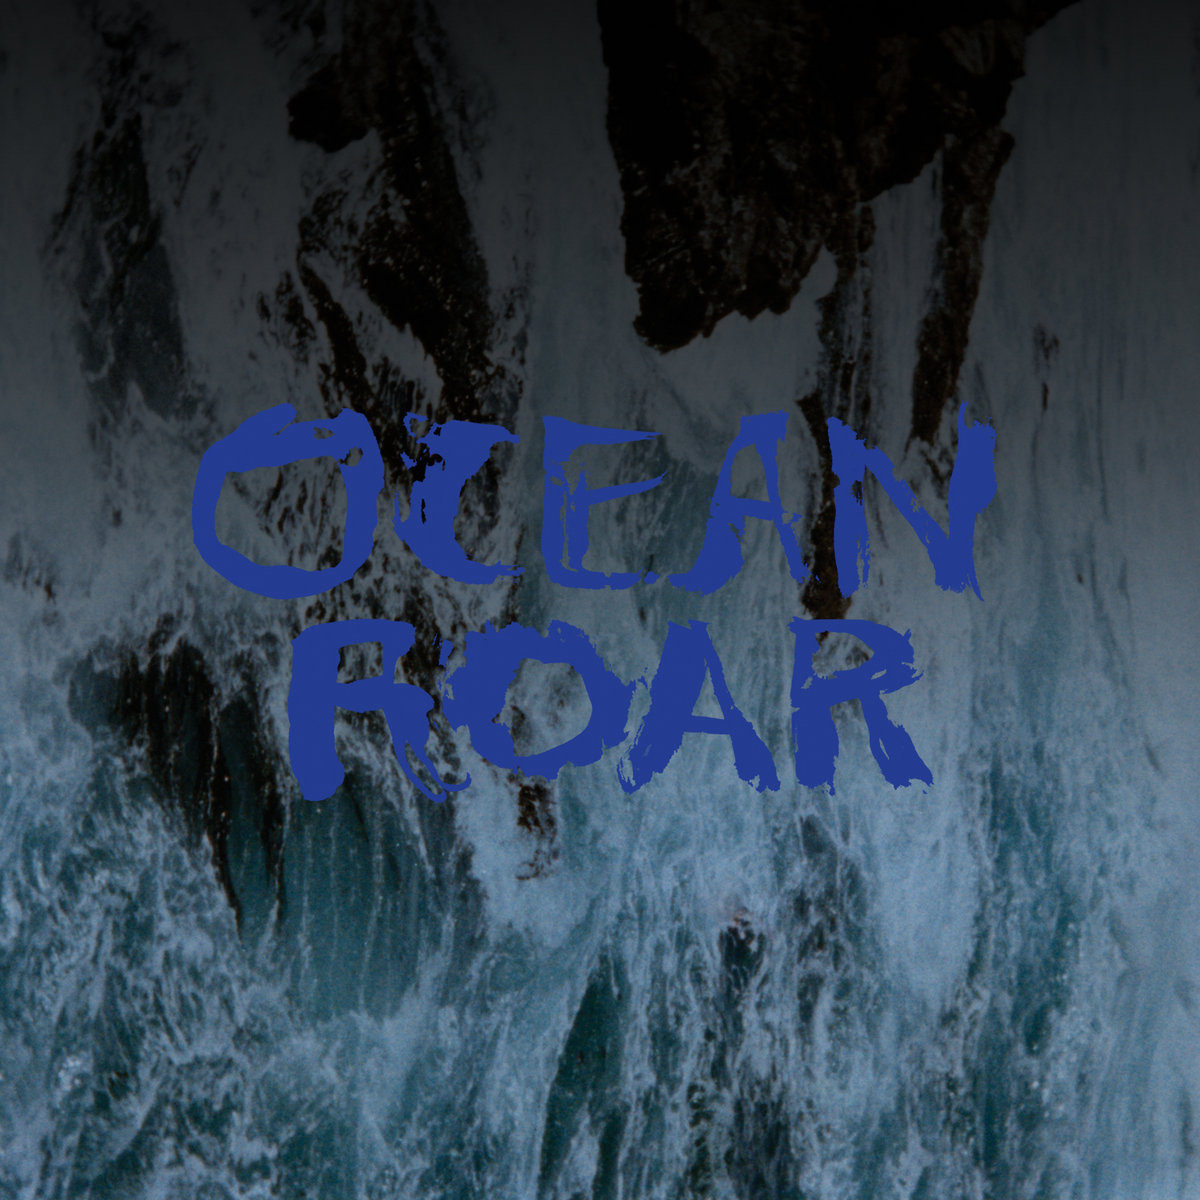 Ocean roar mount eerie ocean roar voltagebd Images